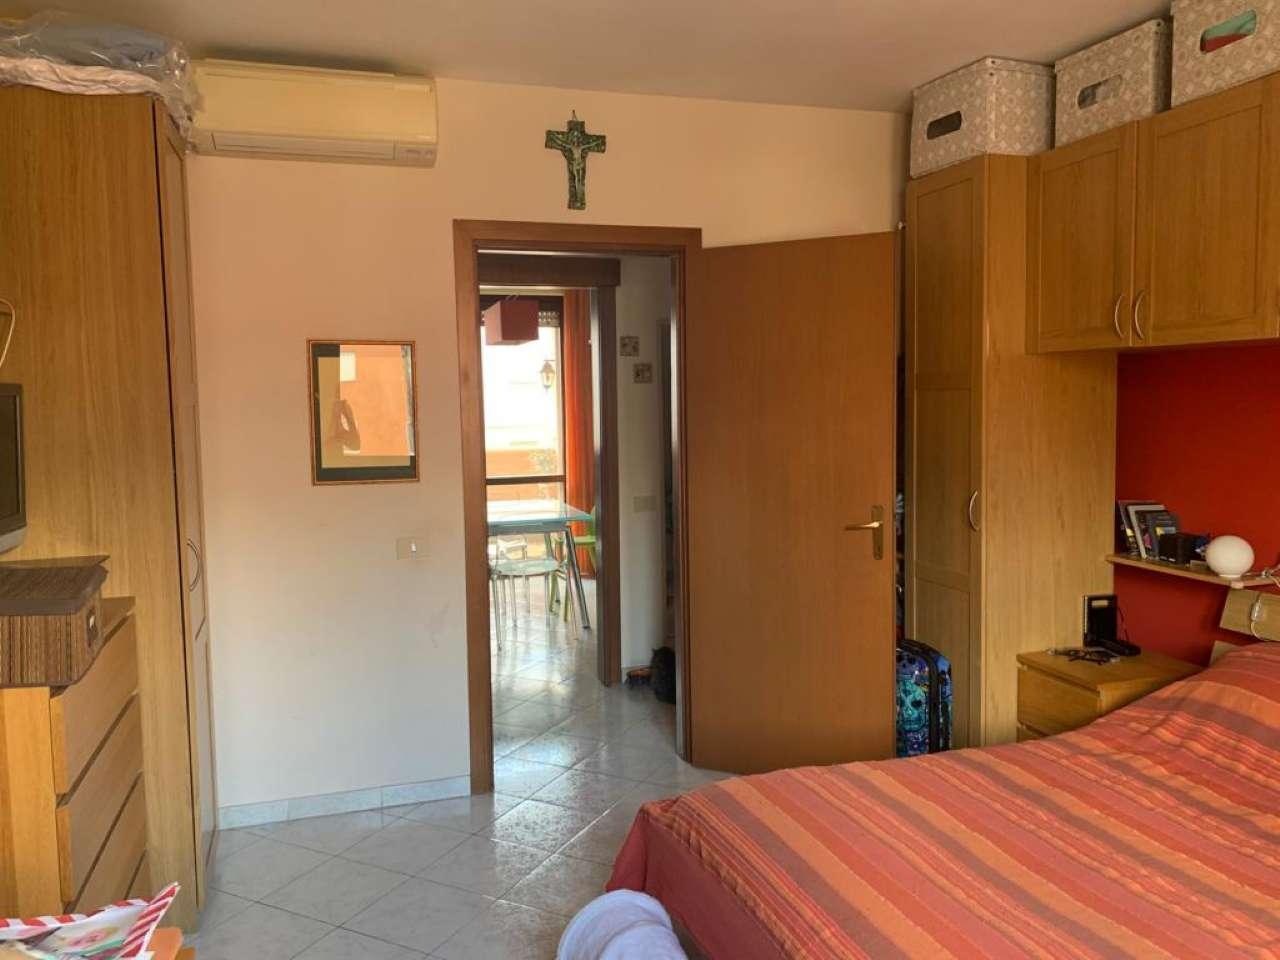 Appartamento in vendita a Roma, 3 locali, zona Zona: 21 . Laurentina, prezzo € 280.000 | CambioCasa.it